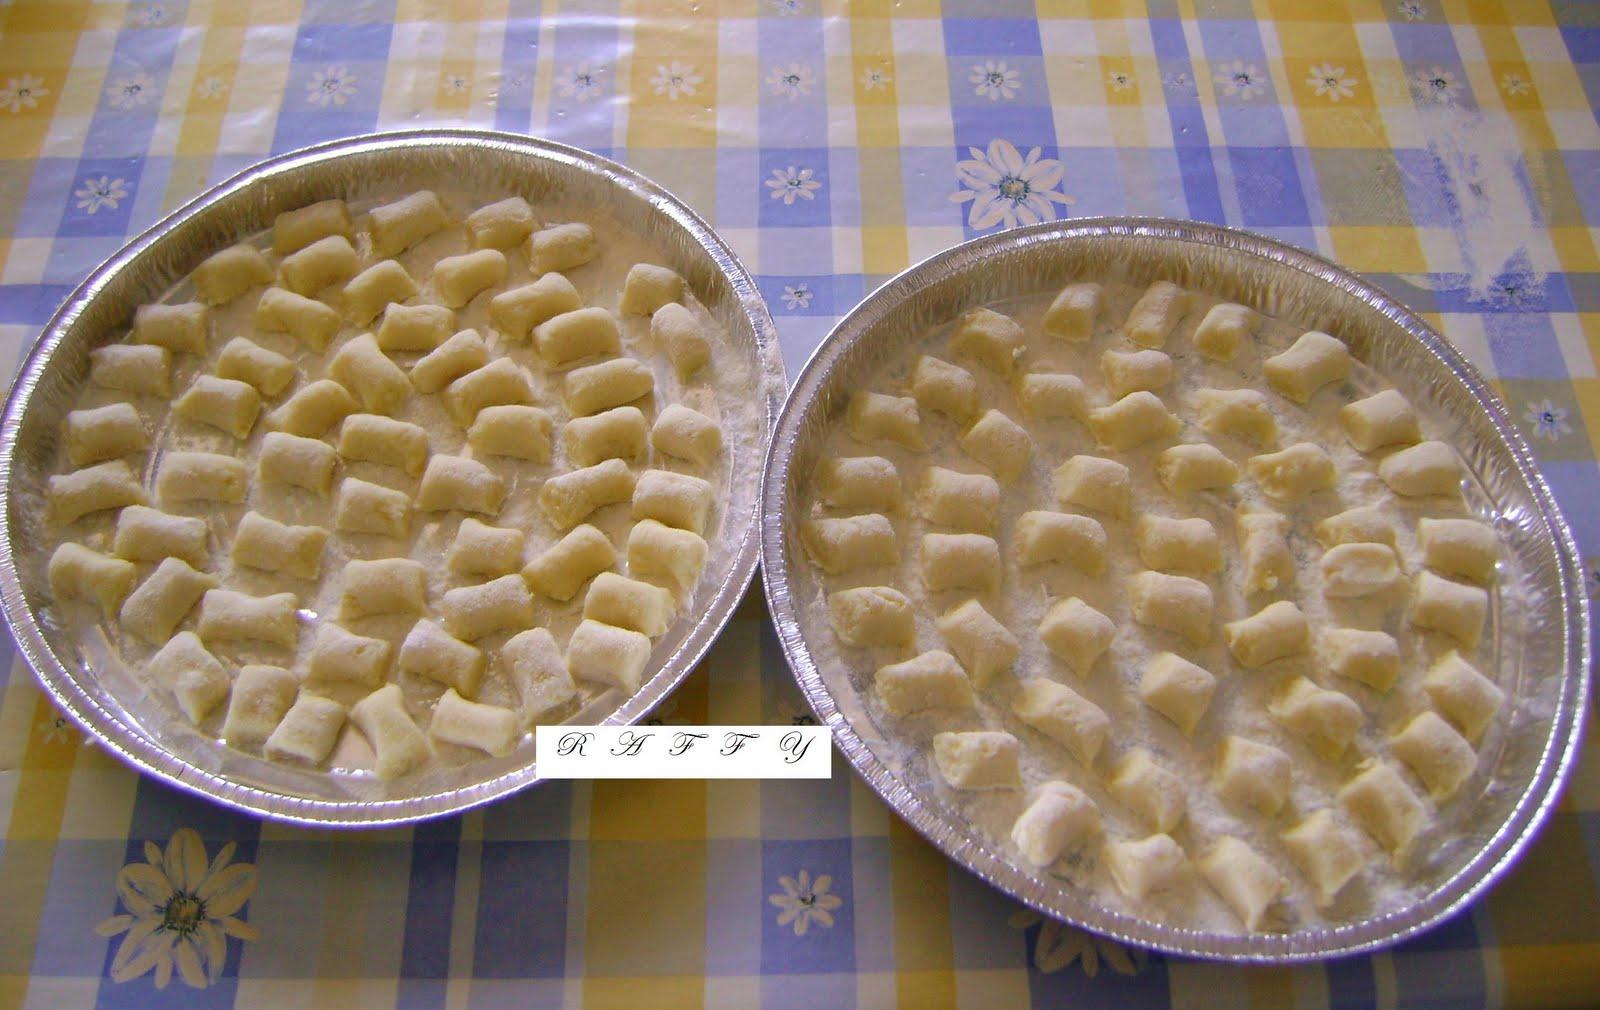 Ricetta Gnocchi Con I Fiocchi Di Patate.Raffy E I Suoi Pasticci Gnocchi Con I Fiocchi Di Patate